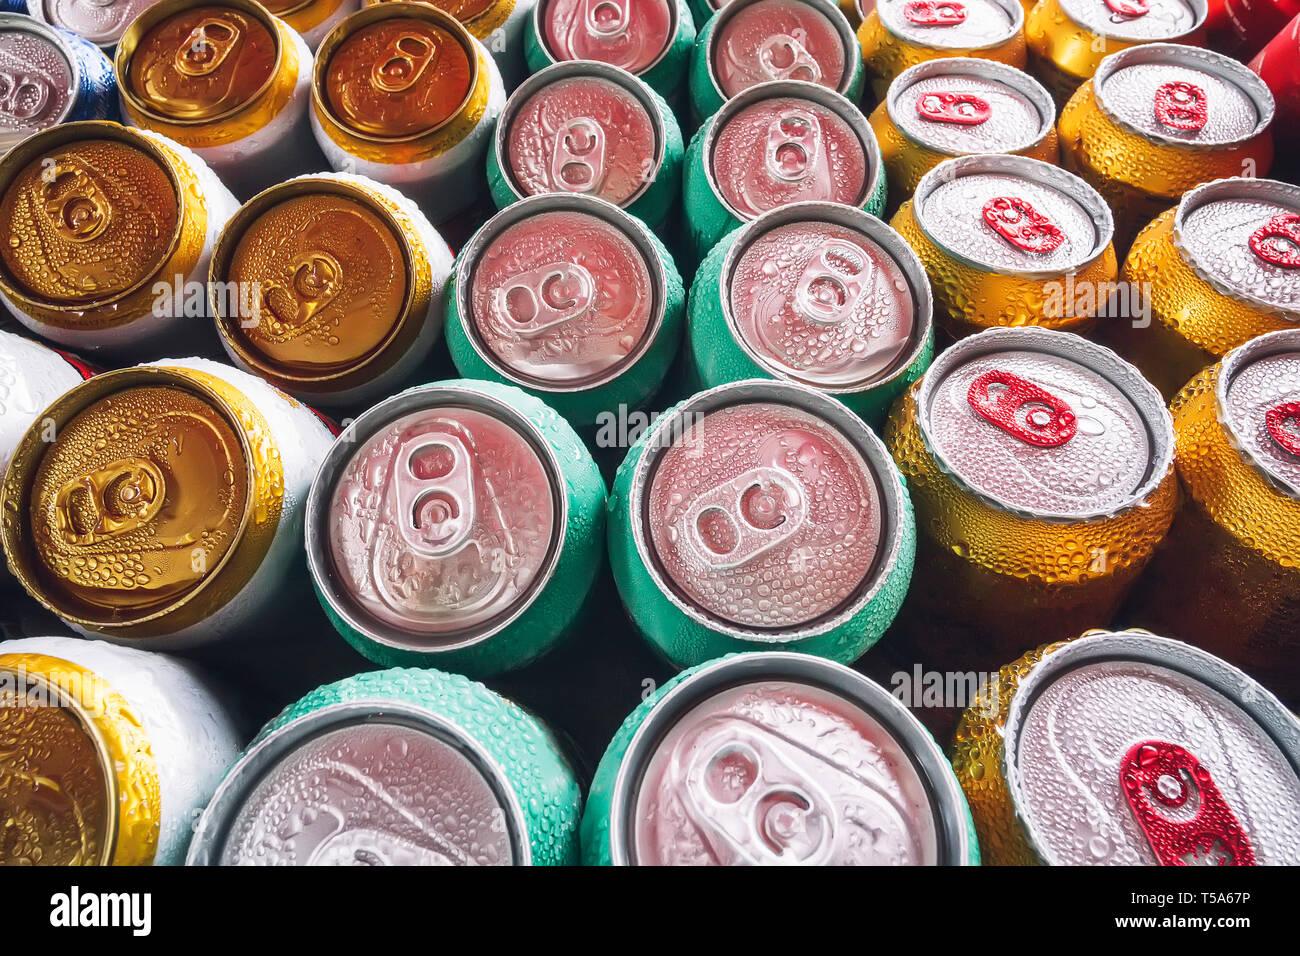 Guinness Mini Kühlschrank : Die besten mini kühlschränke im jahr zu kaufen mach dein